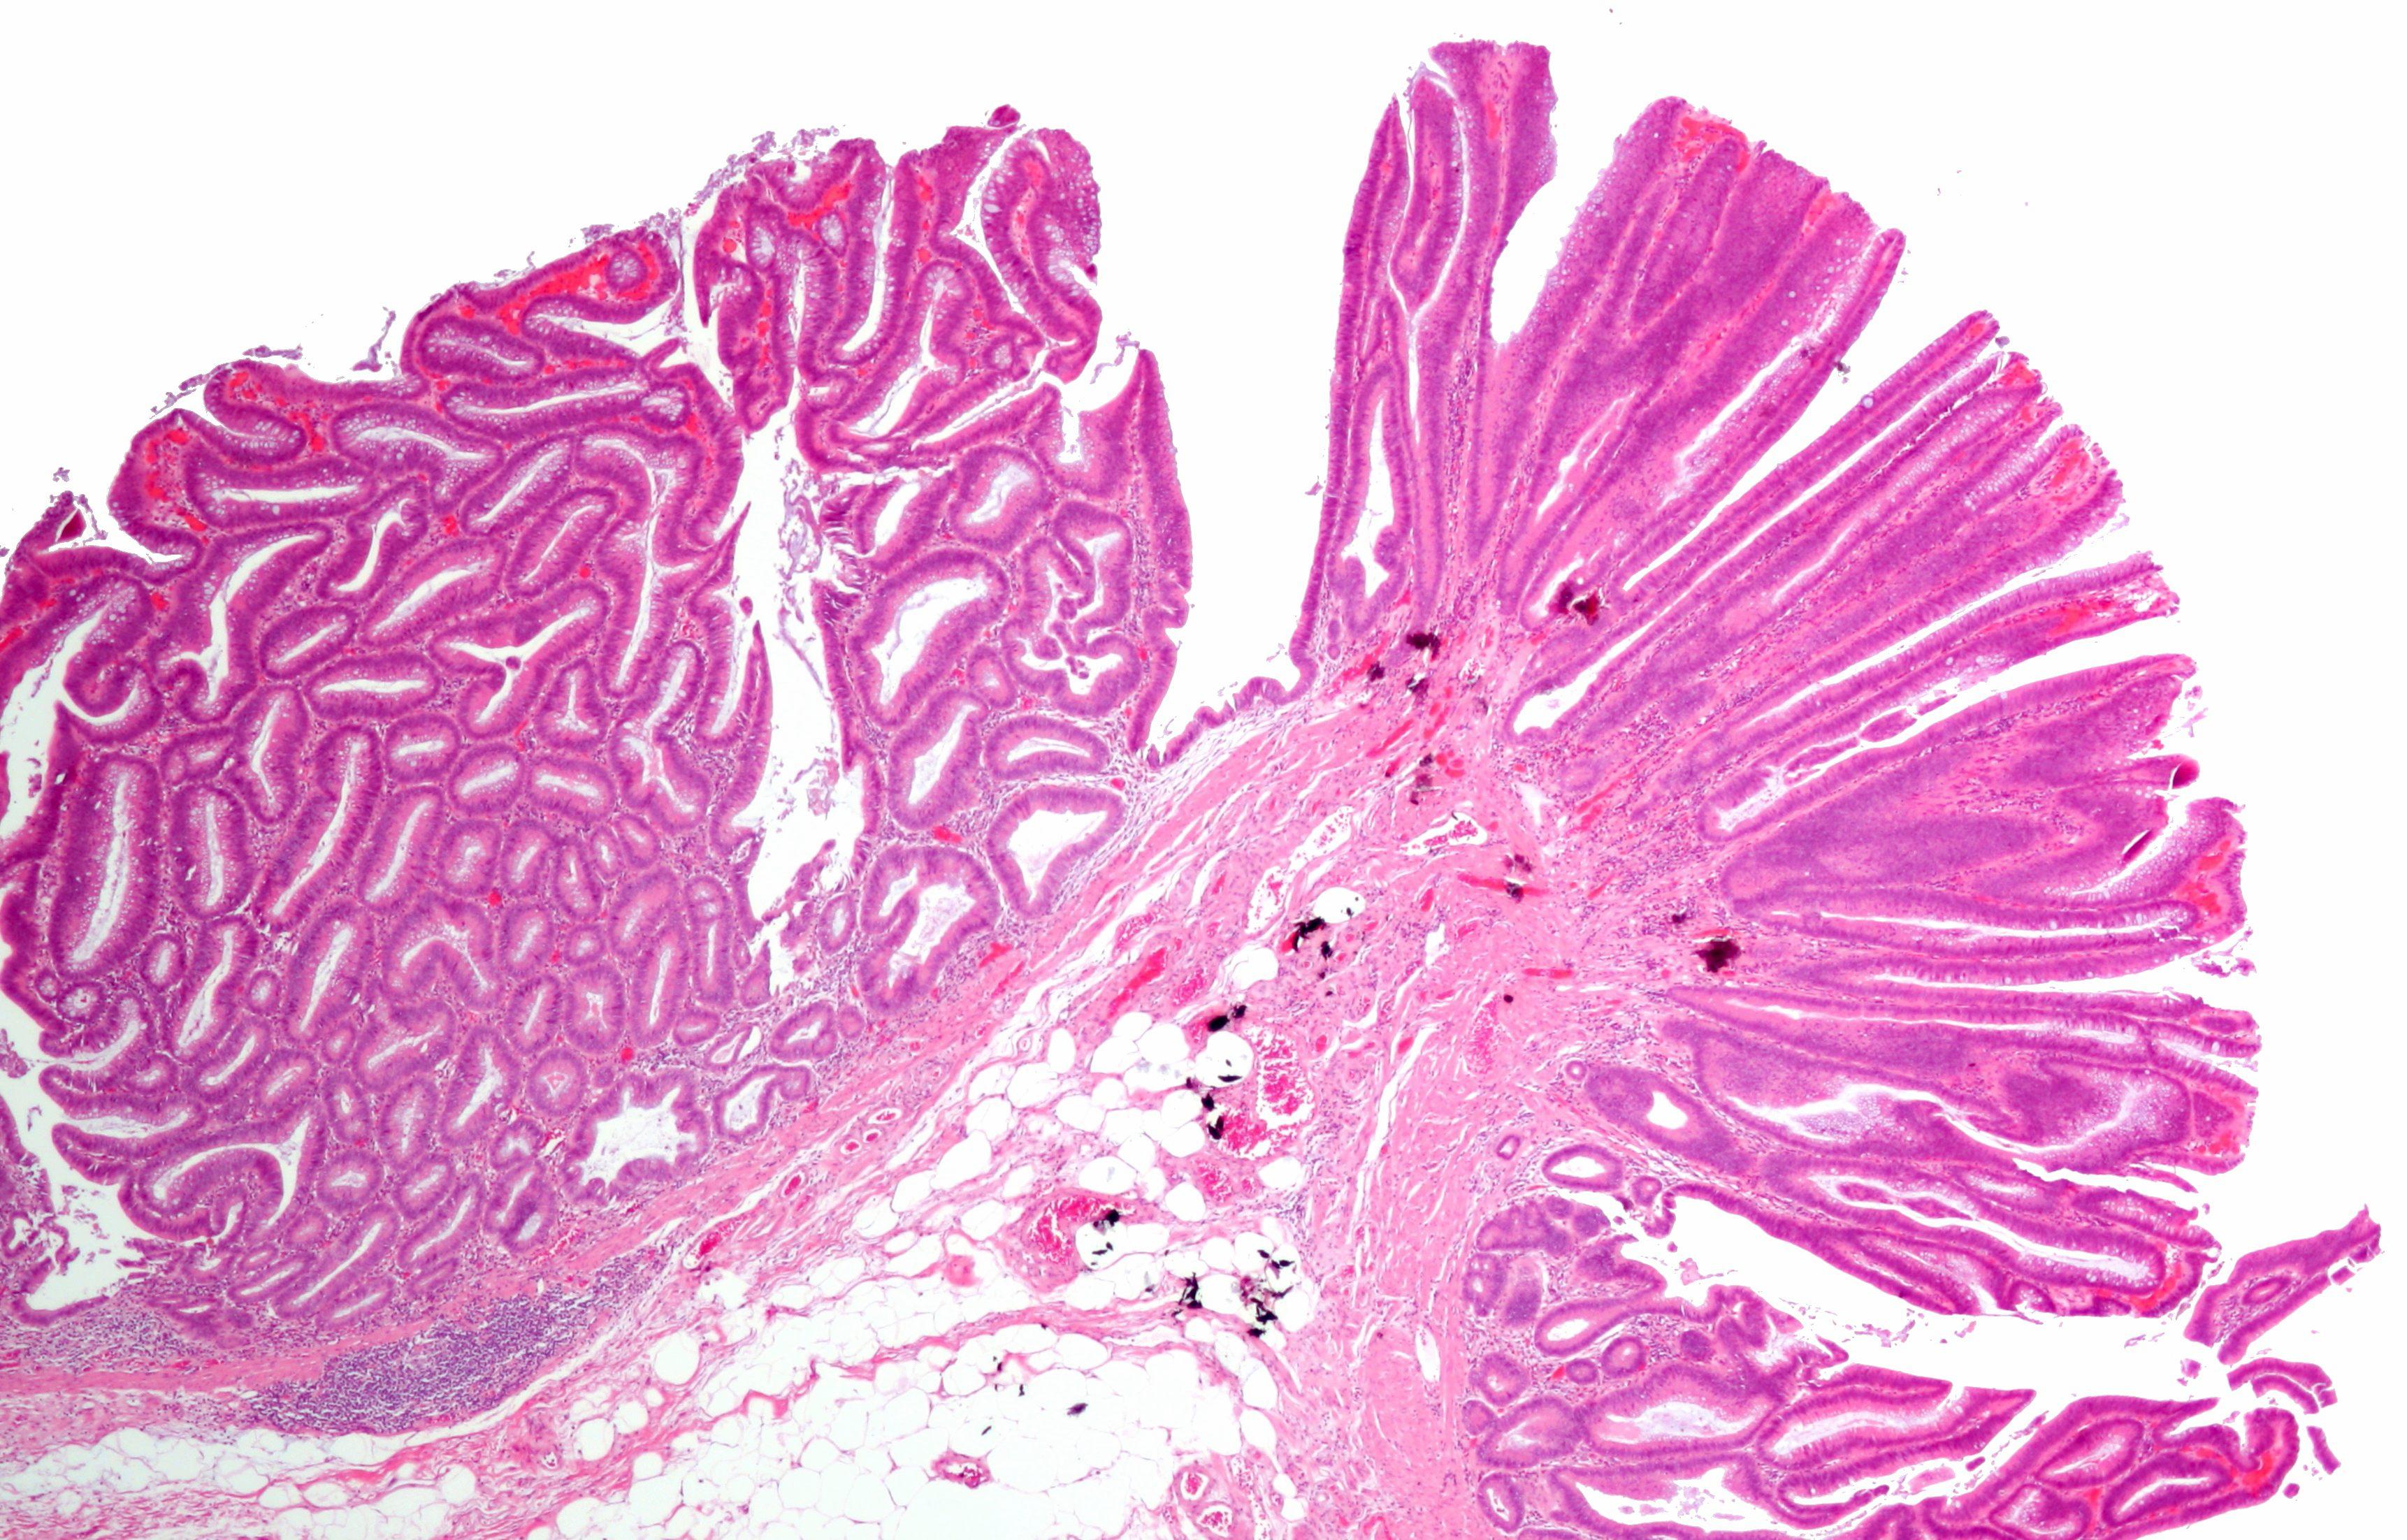 Boli de piele - articole despre dermatologie